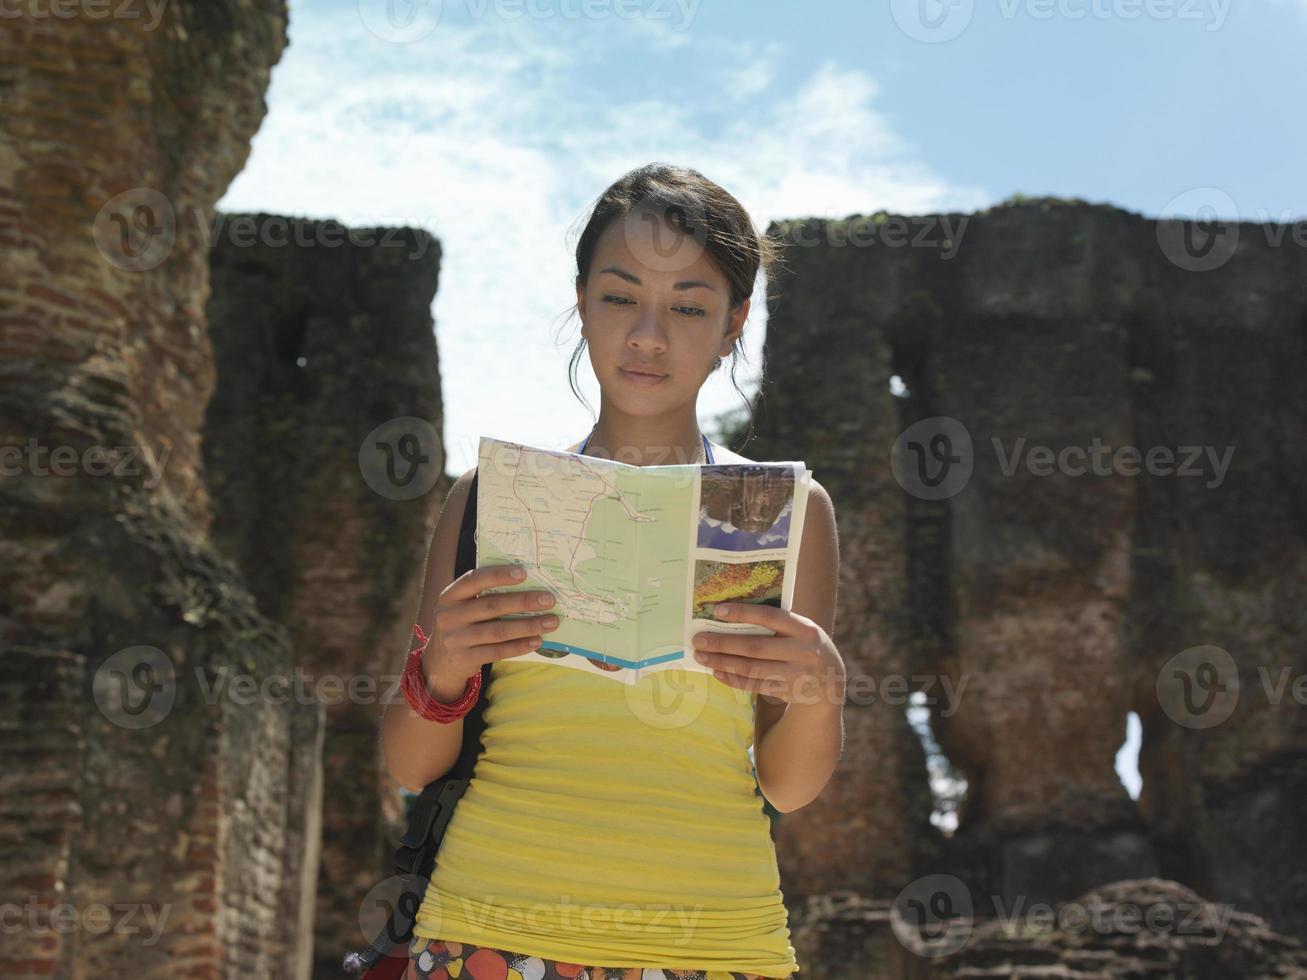 vrouw lezing gids met oude ruïnes in de achtergrond foto